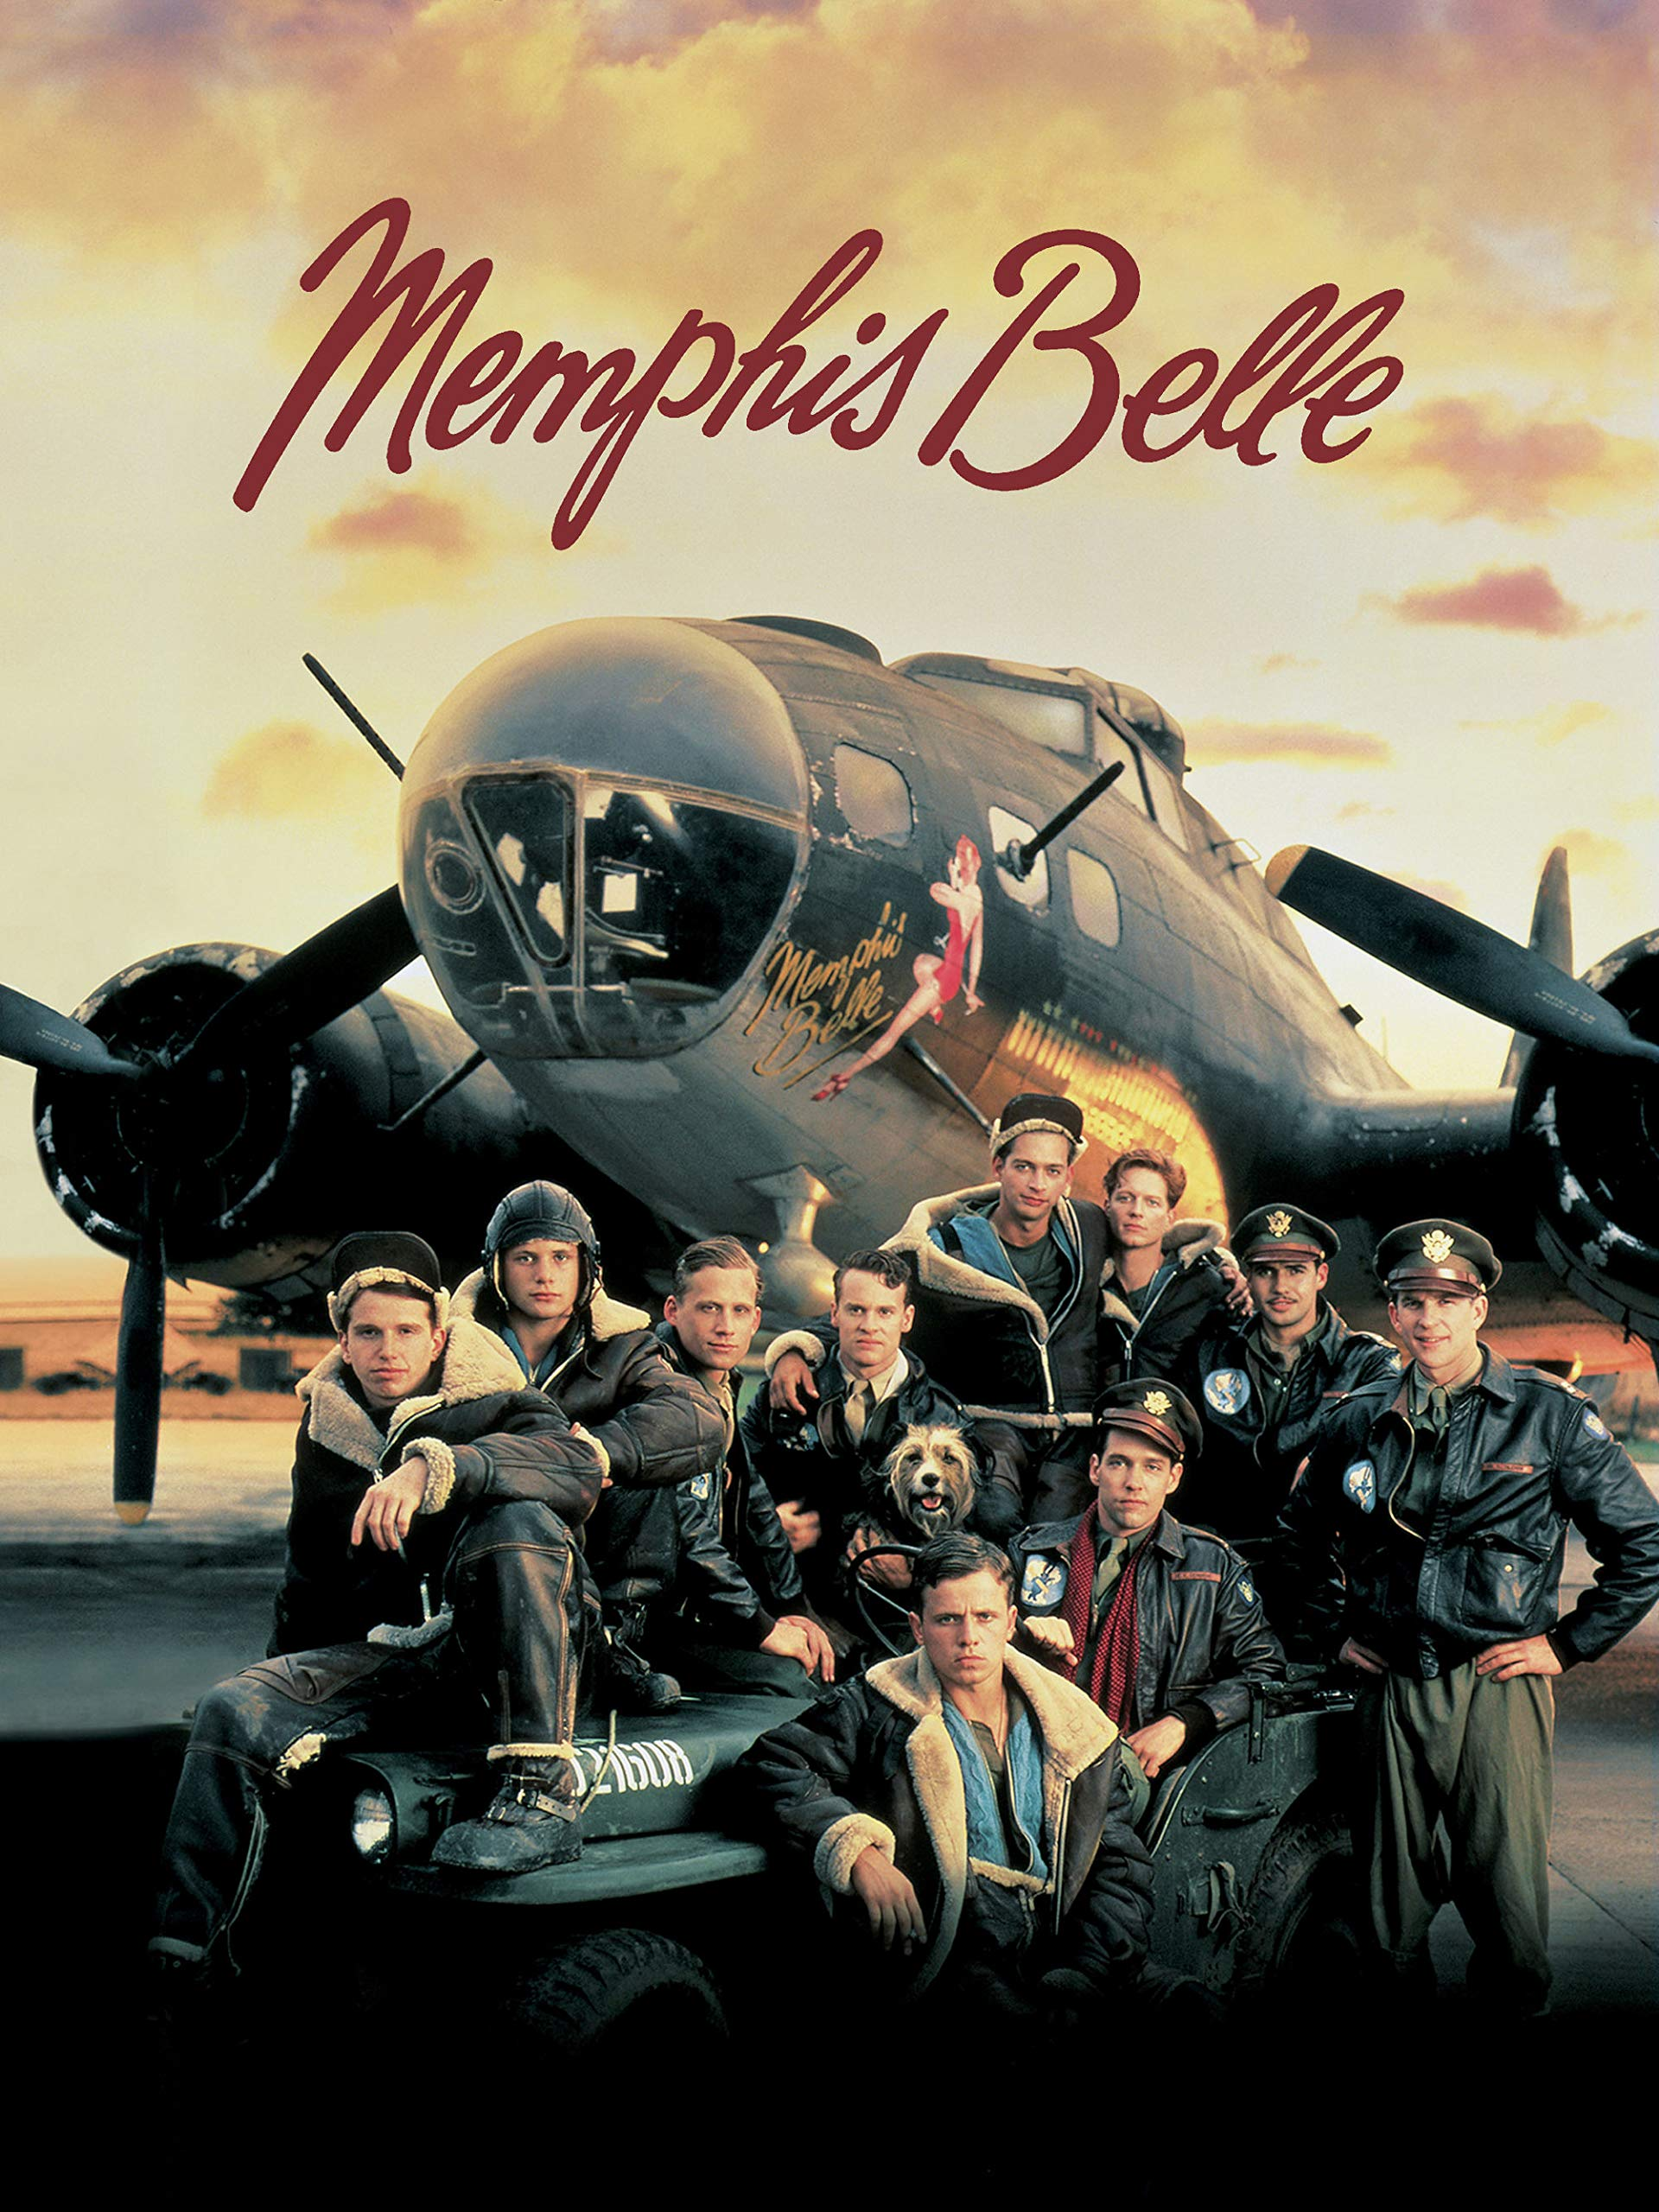 Amazon.de: Memphis Belle ansehen   Prime Video